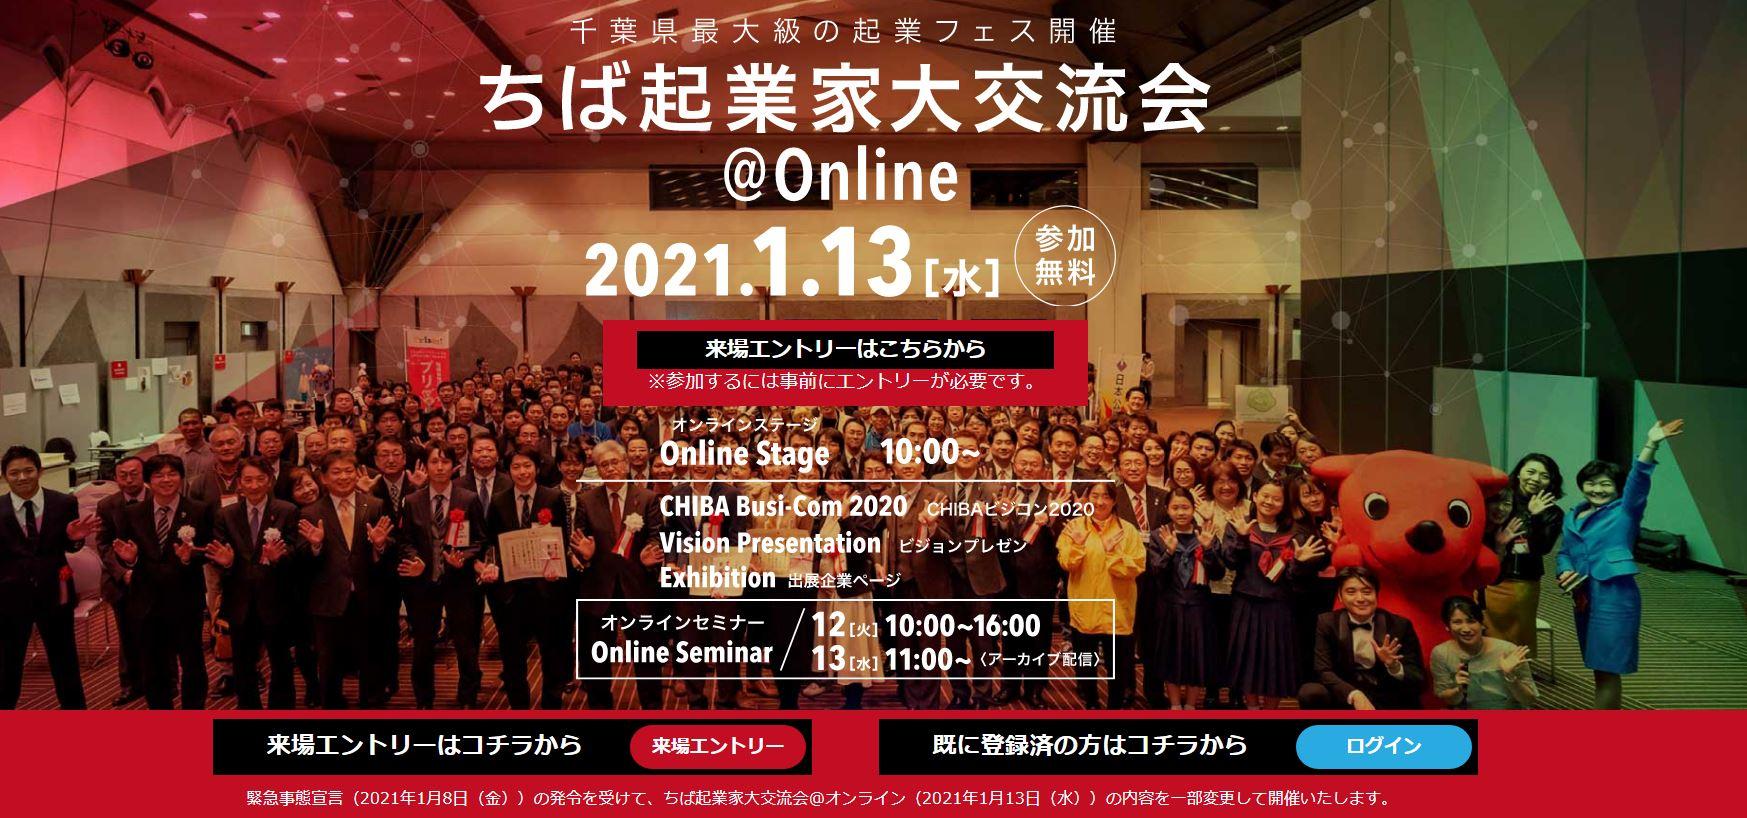 ちば起業家大賞は「誰の手」に!? 千葉県最大級の起業フェス開催『ちば起業家大交流会』 @Online2021.1.13(水)開催!<参加無料>